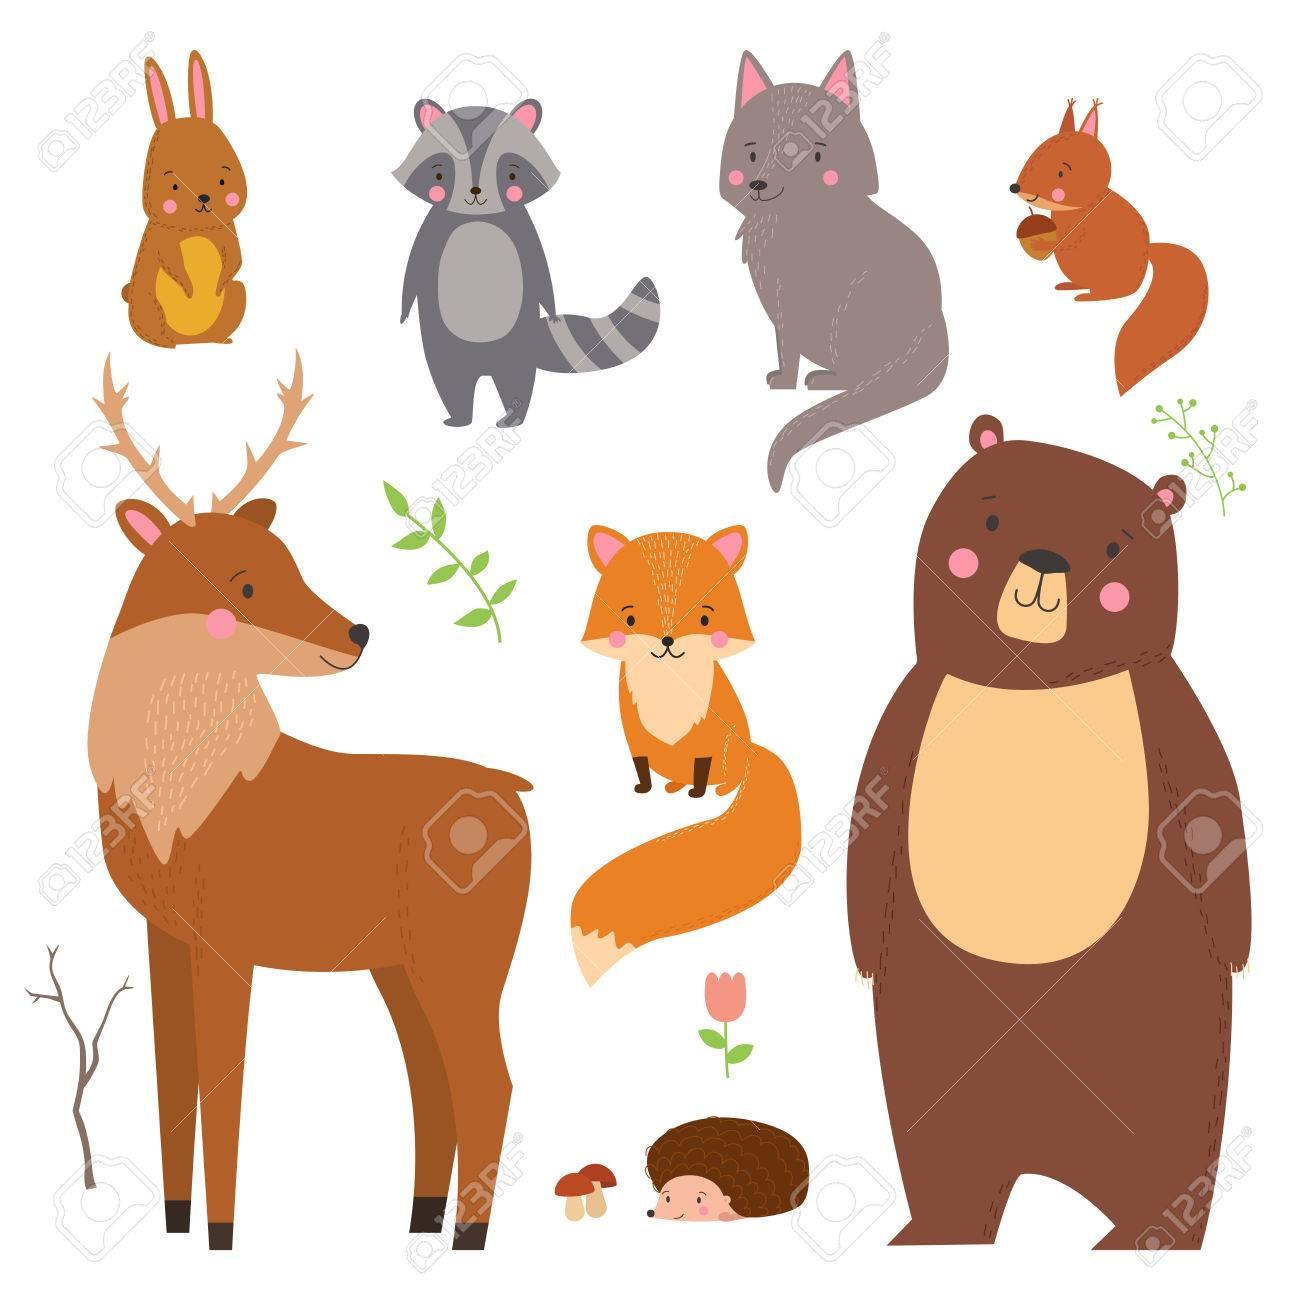 白い背景に分離された森の動物のかわいいイラストのセットです子供部屋